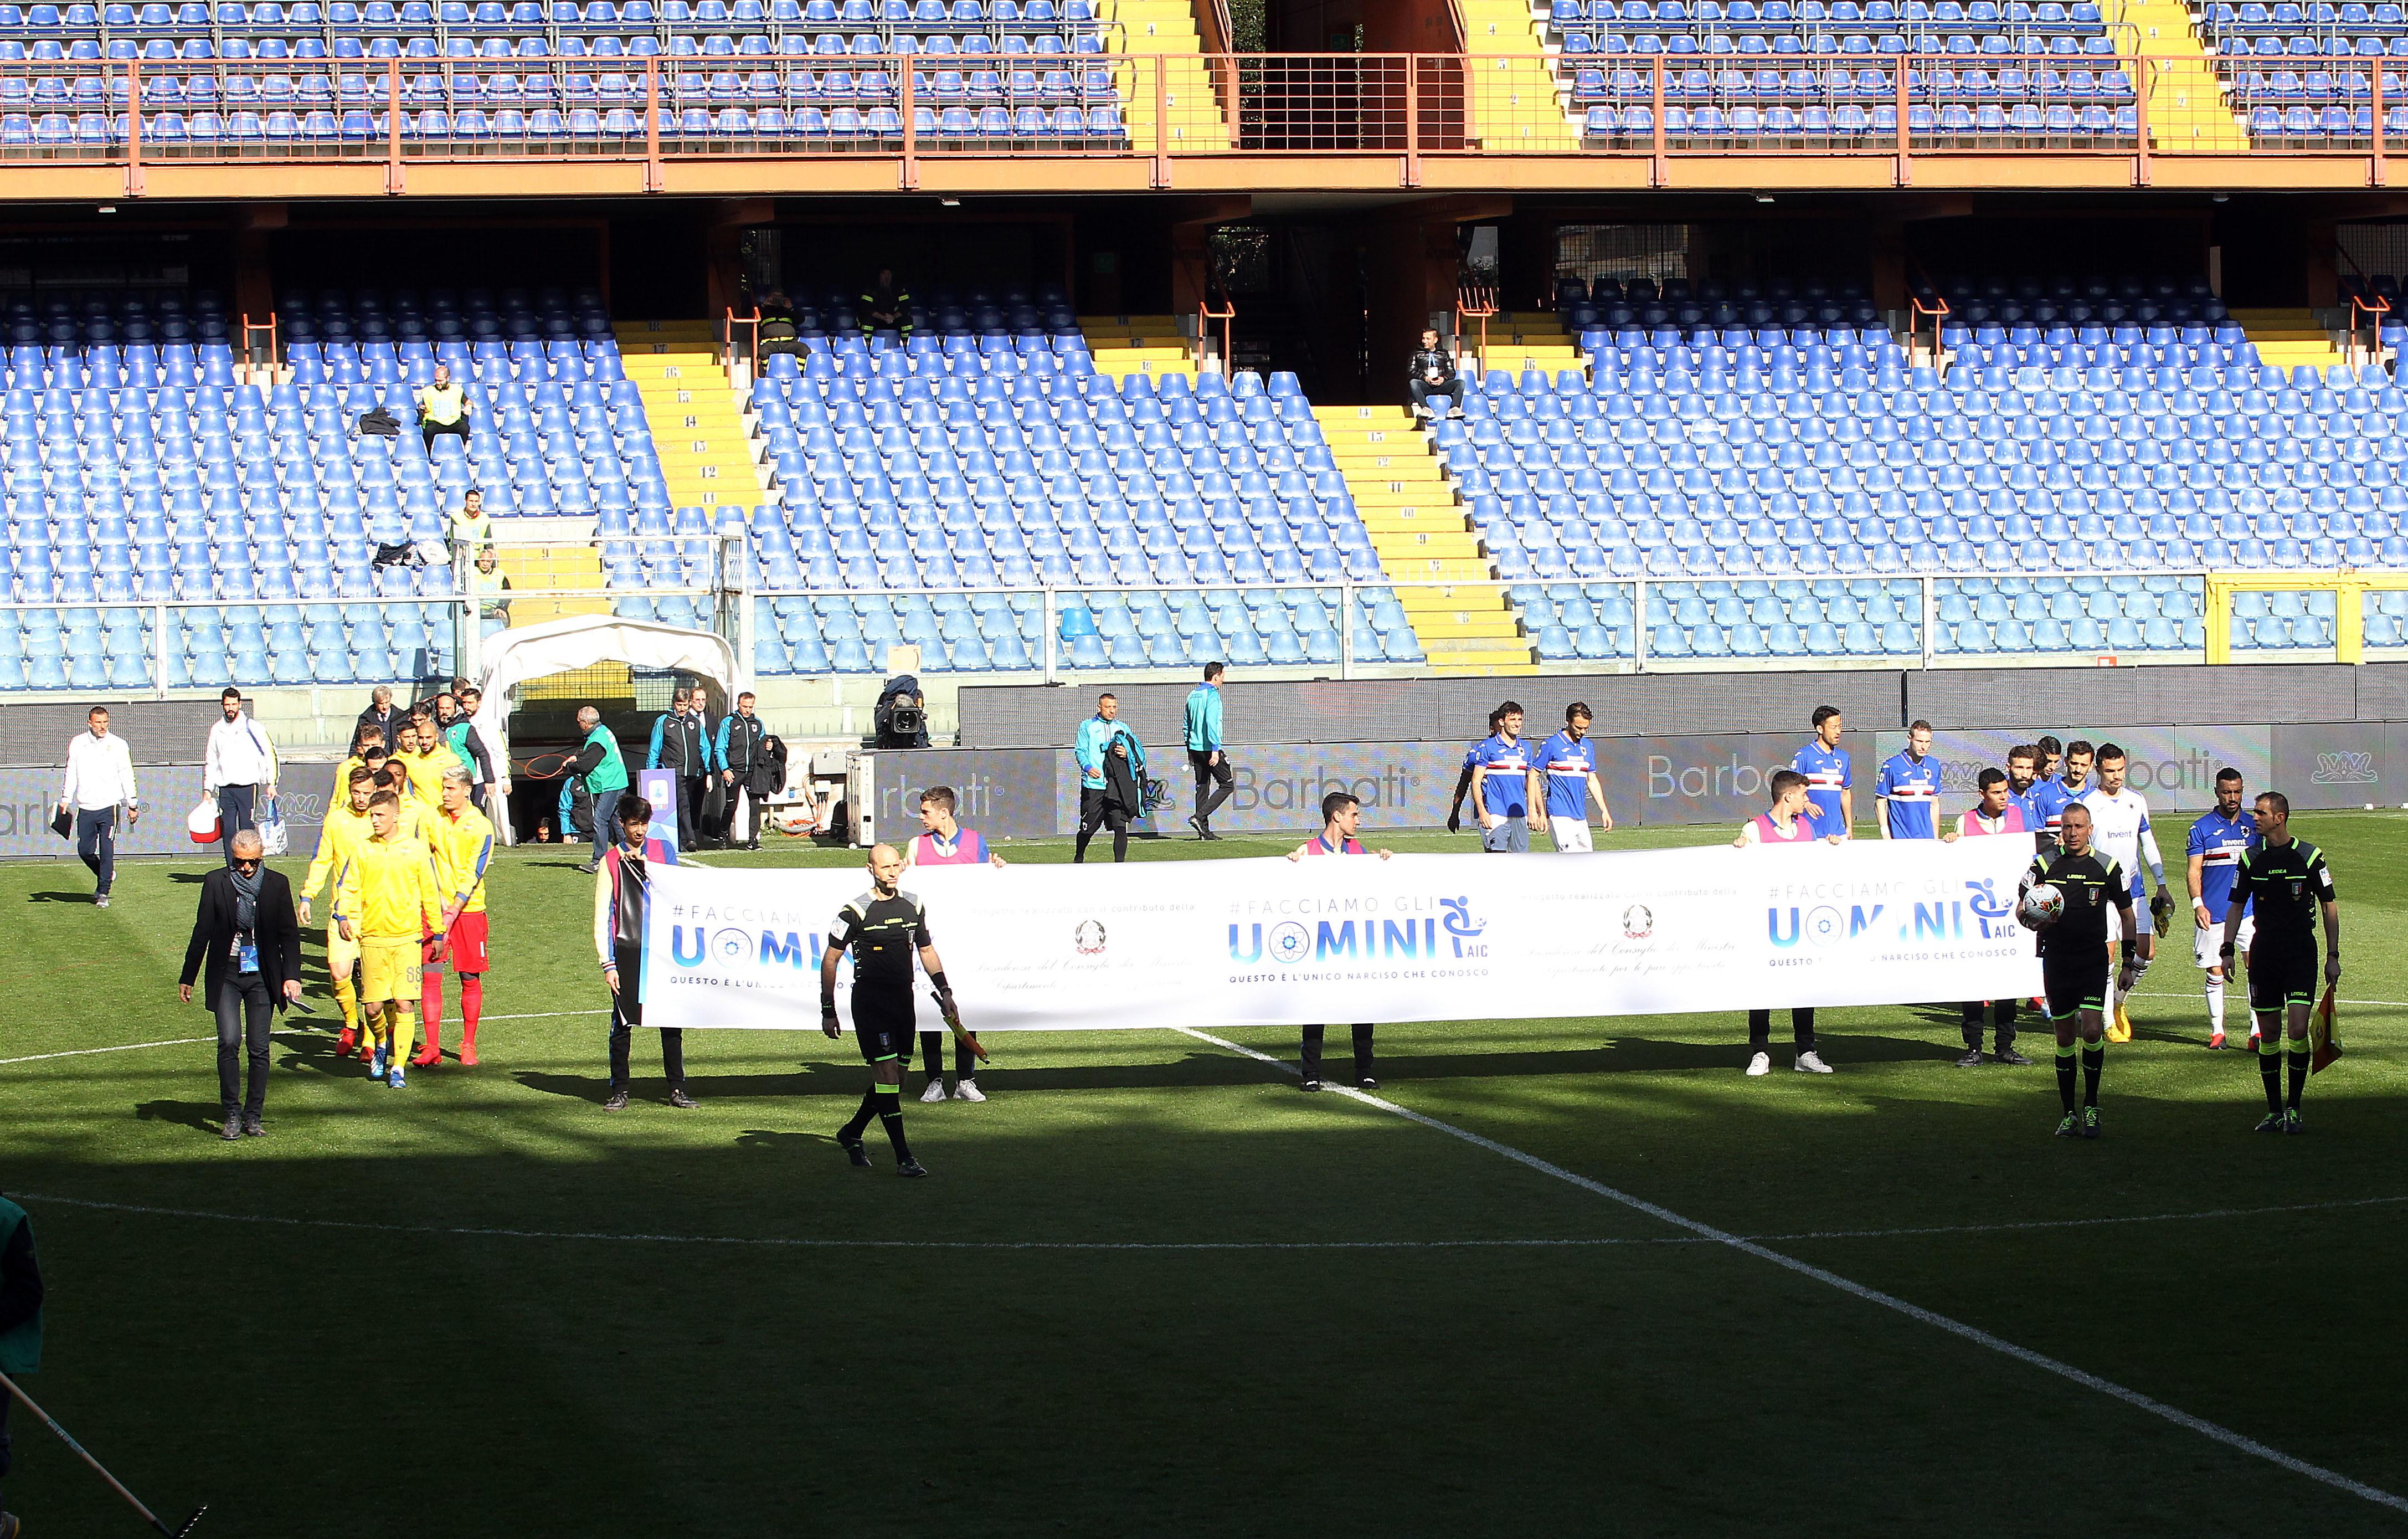 Nel recupero della 26a giornata di Serie A, la Sampdoria batte 2-1 a Marassi in rimonta il Verona e conquista tre punti fondamentali in chiave salvezza. Dopo l&#39;autorete di Audero, doppietta di Quagliarella.<br /><br />